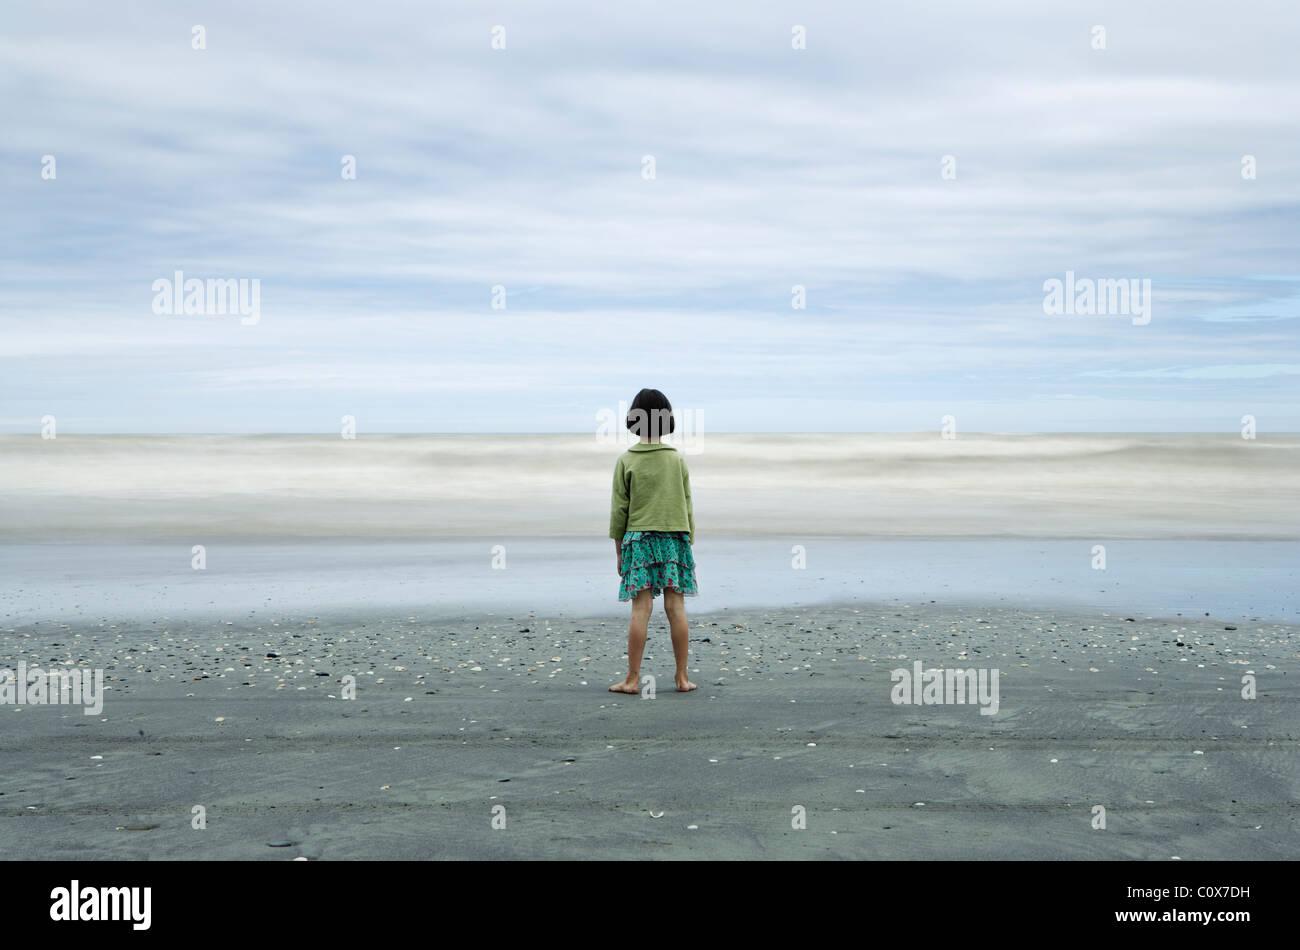 Chica busca un enfoque nítido en el mar, con olas borrosa por la larga exposición; arena volcánica Imagen De Stock